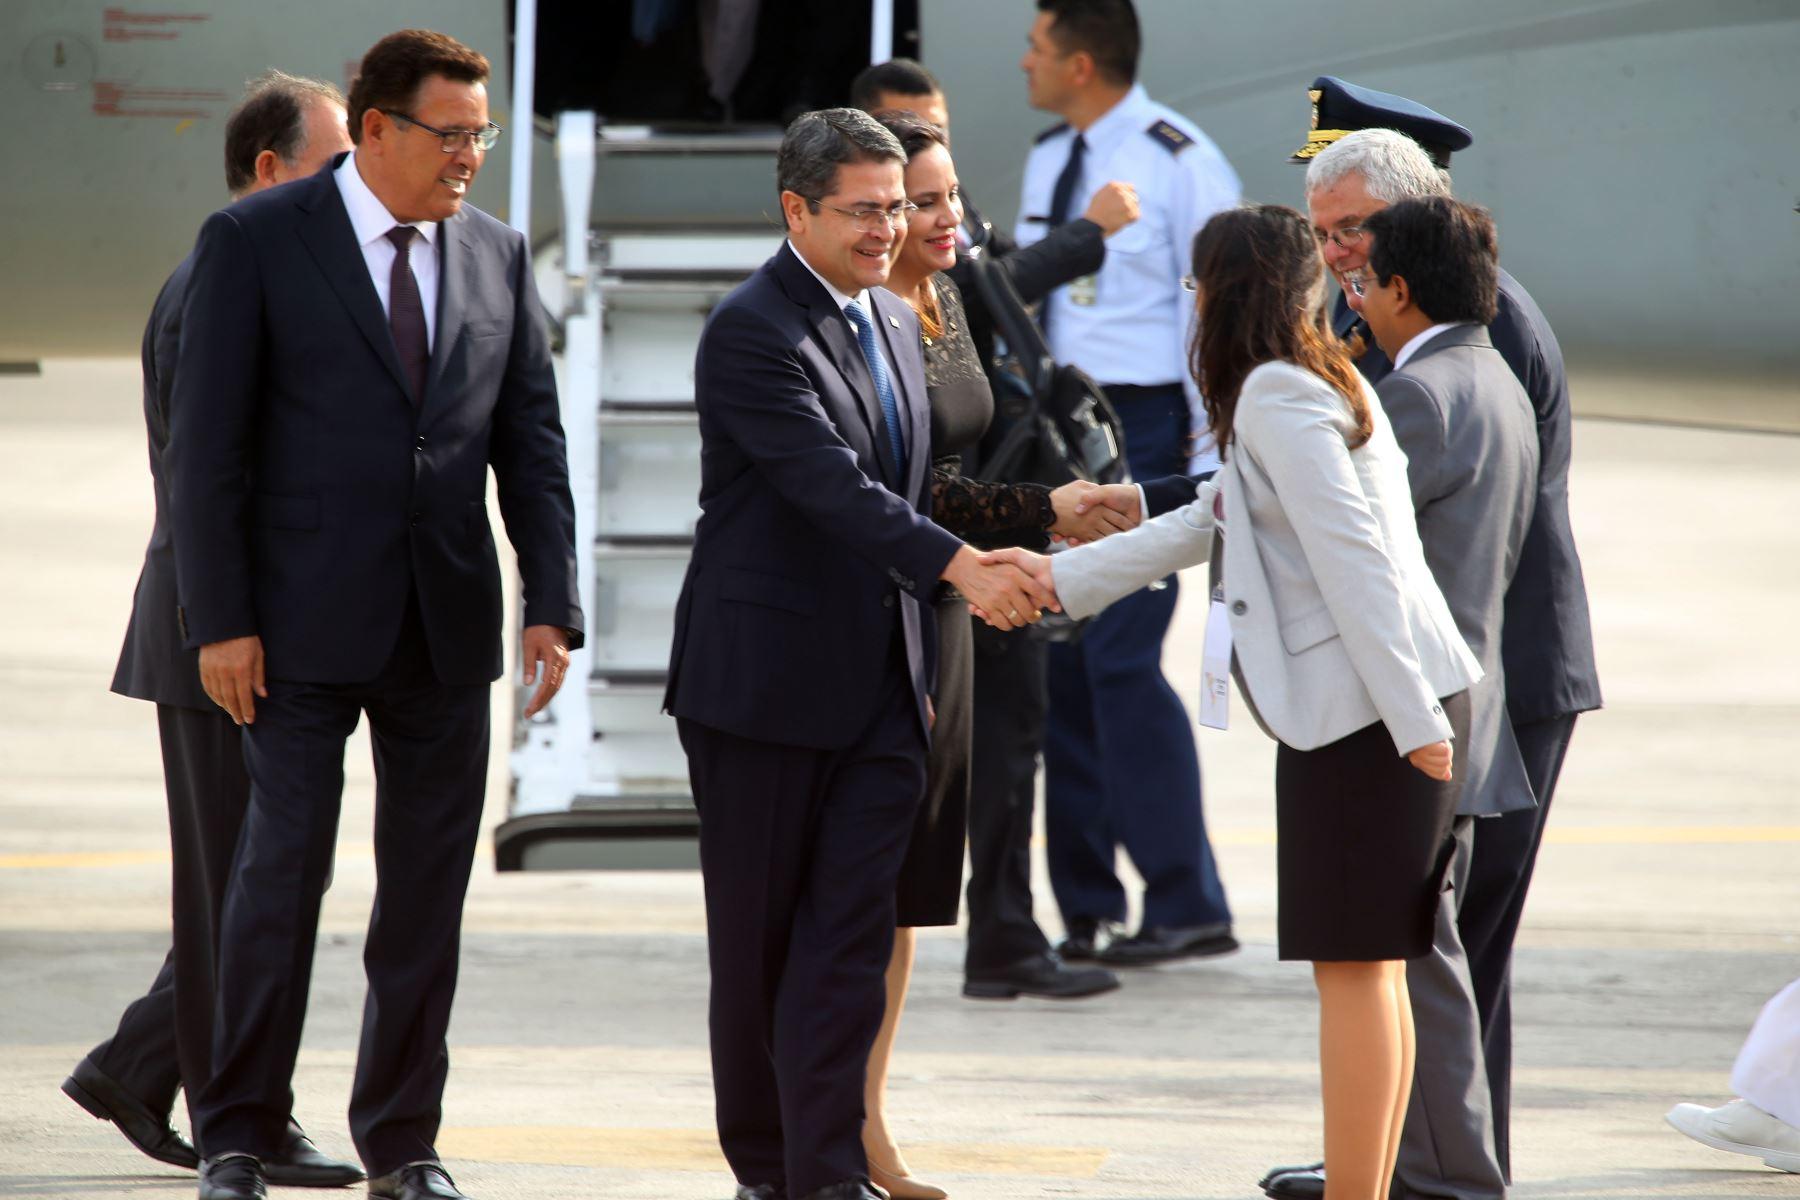 Llegada a Lima del presidente de Honduras, Juan Hernández para participar de La Cumbre de las Américas. Foto: ANDINA/Luis Iparraguirre